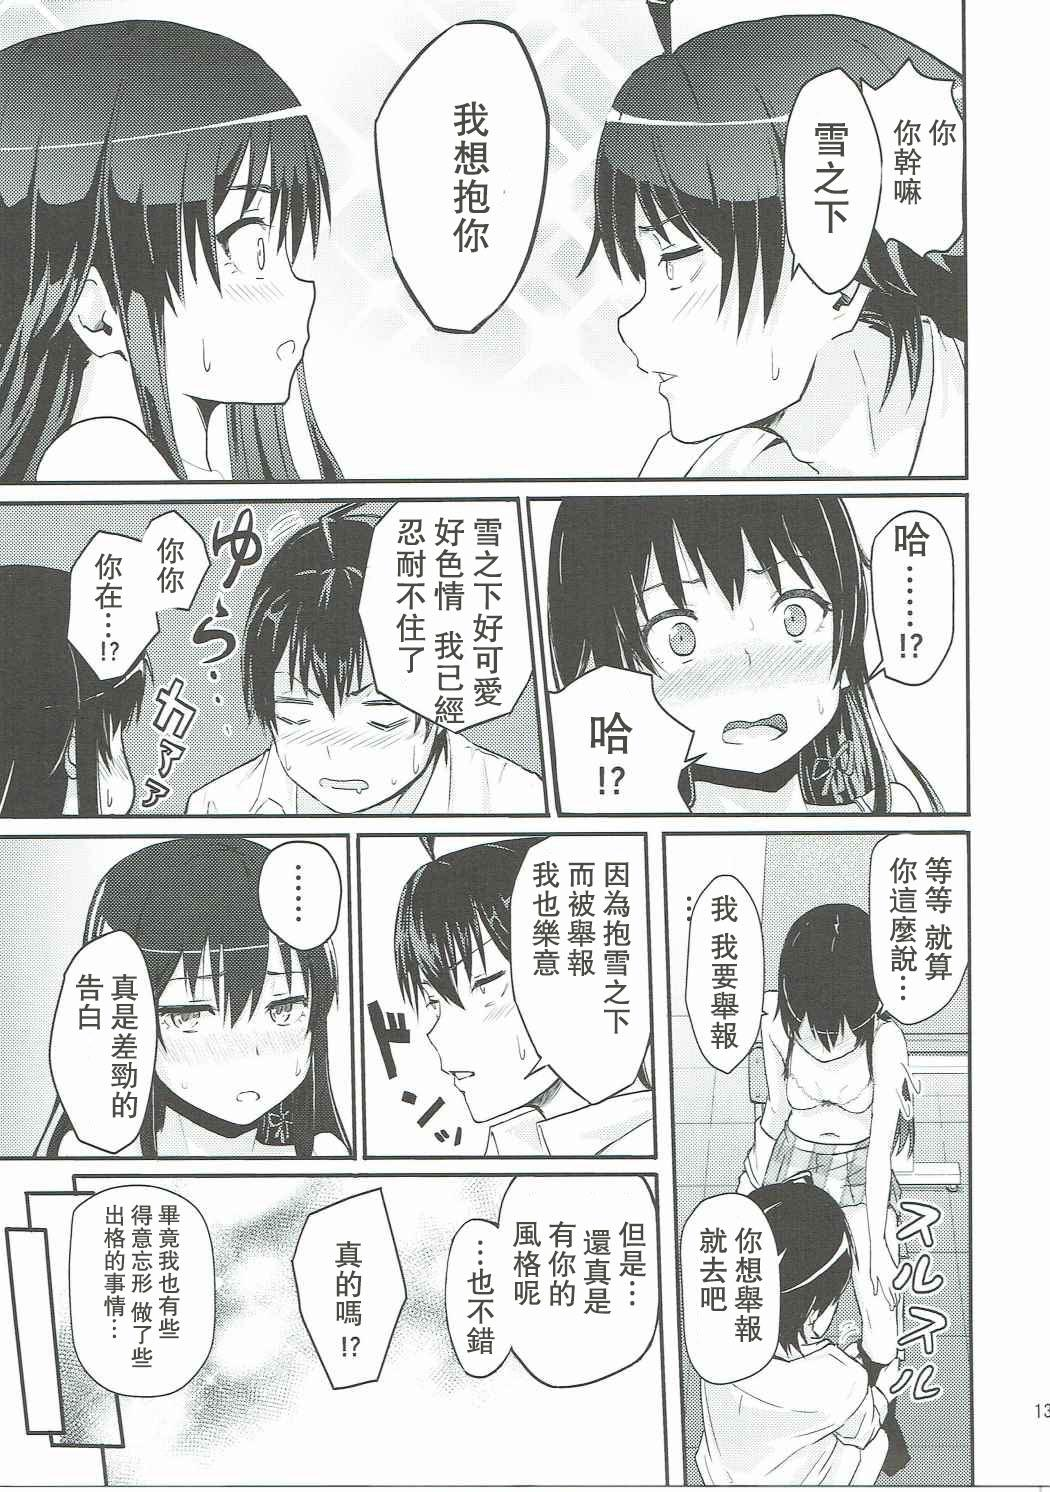 Yukino 12